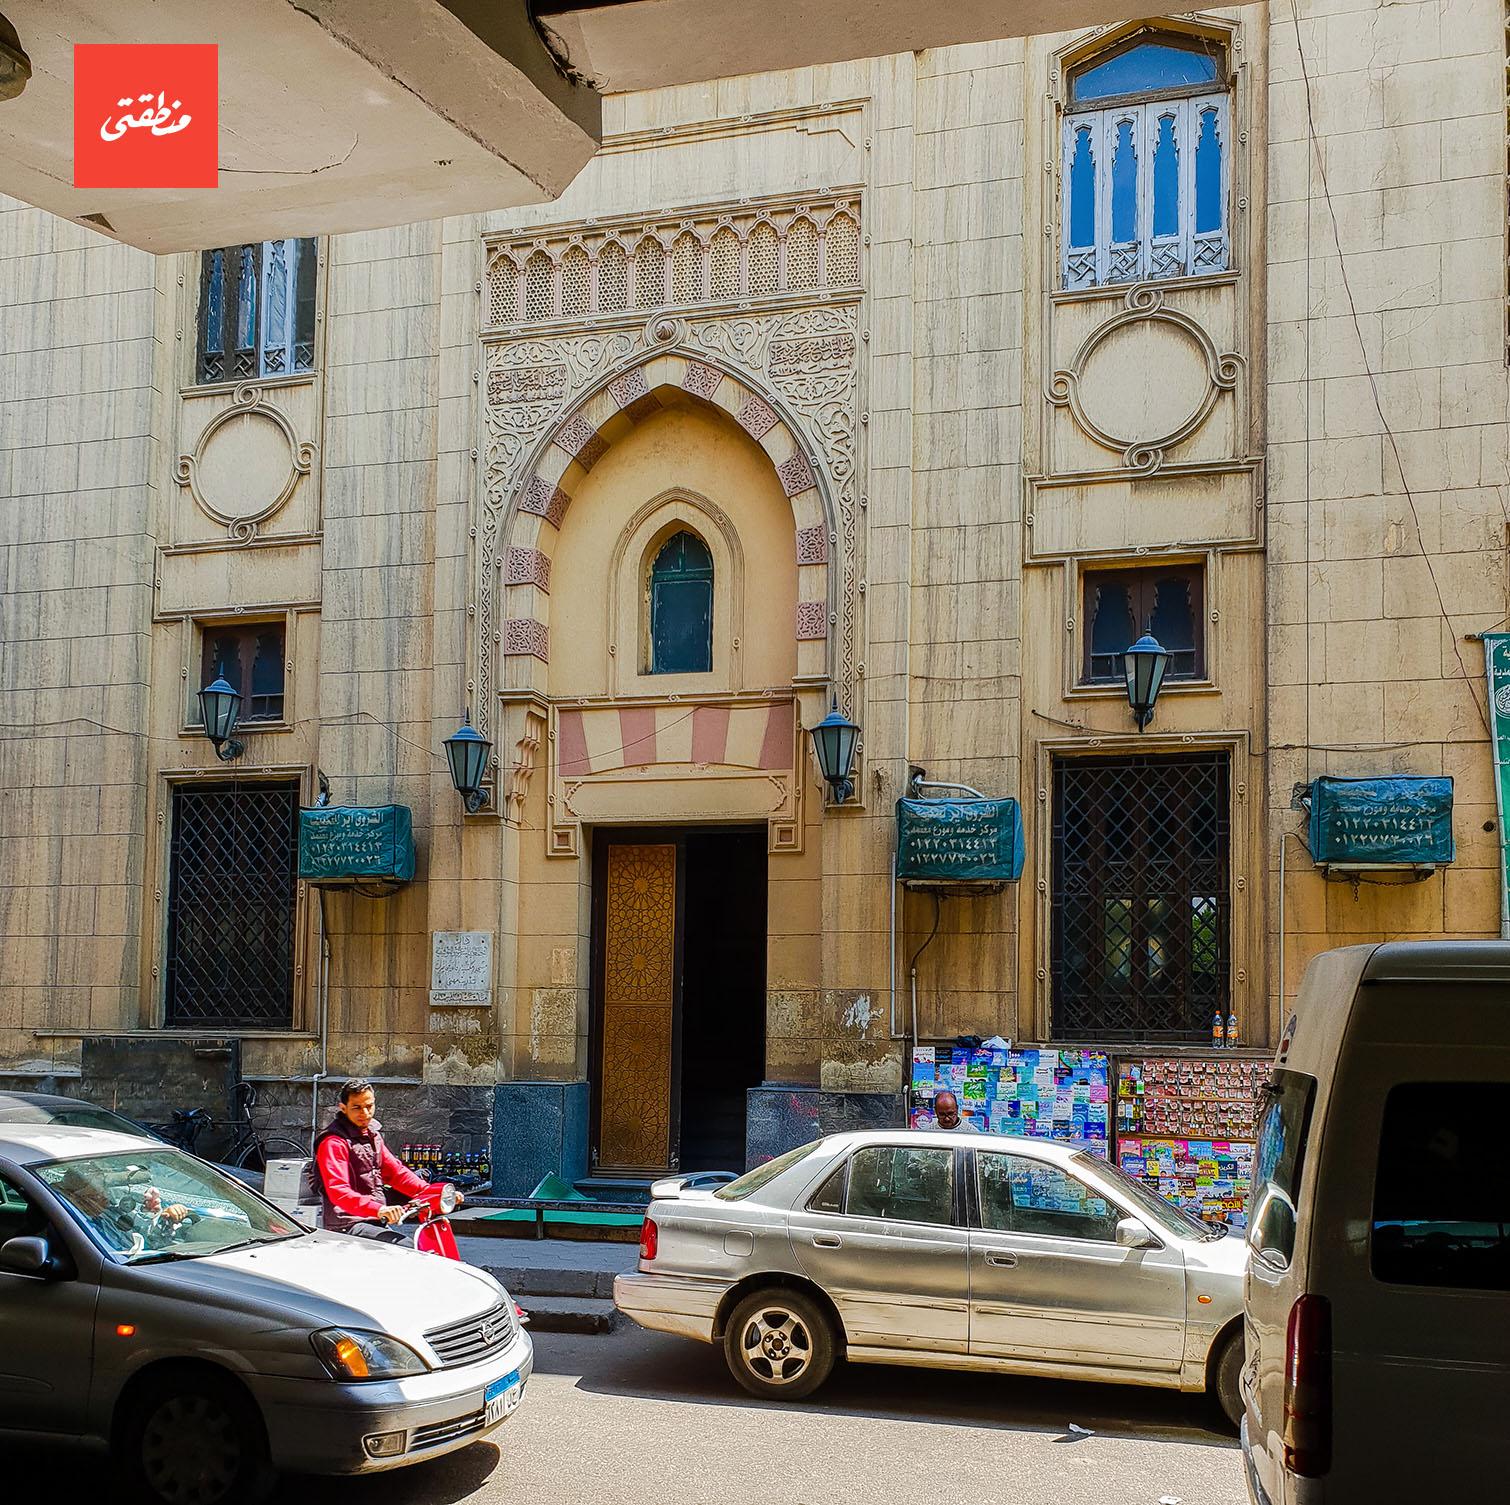 مسجد الشيخ محمود خطاب بشارع الجلاء - تصوير - ميشيل حنا